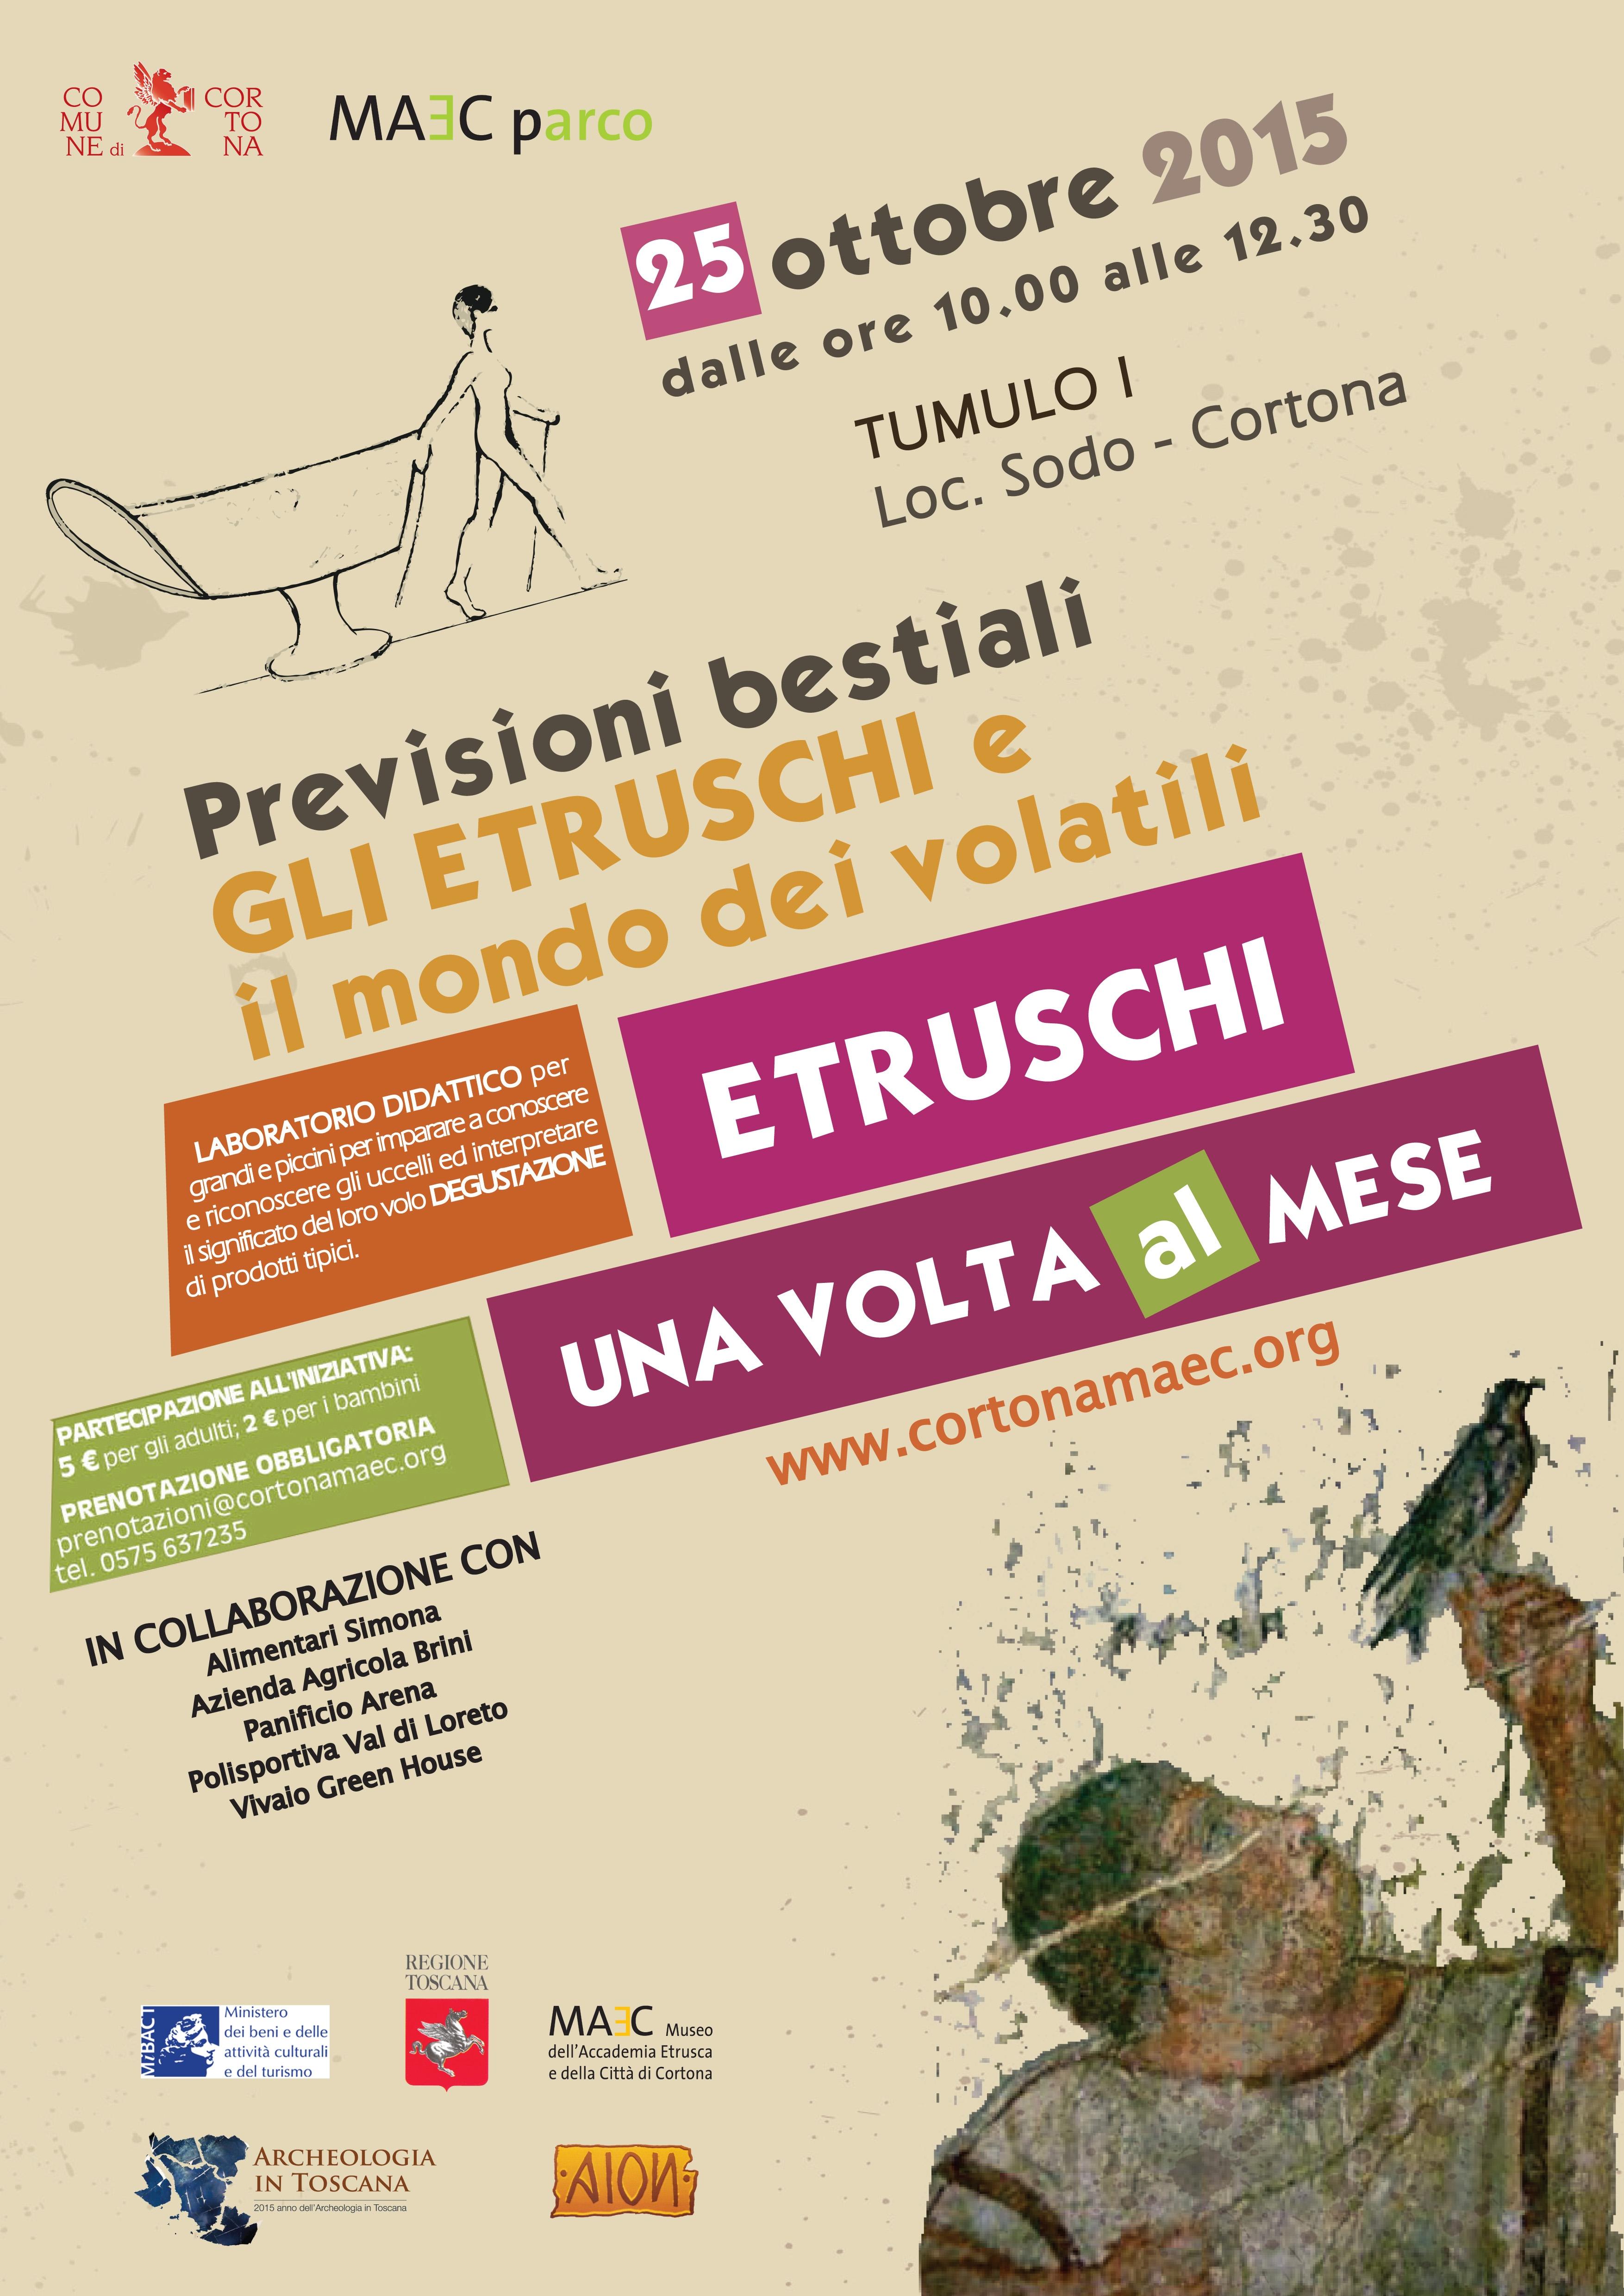 Gli Etruschi e le loro previsioni 'bestiali', iniziativa al Parco Archologico del Sodo